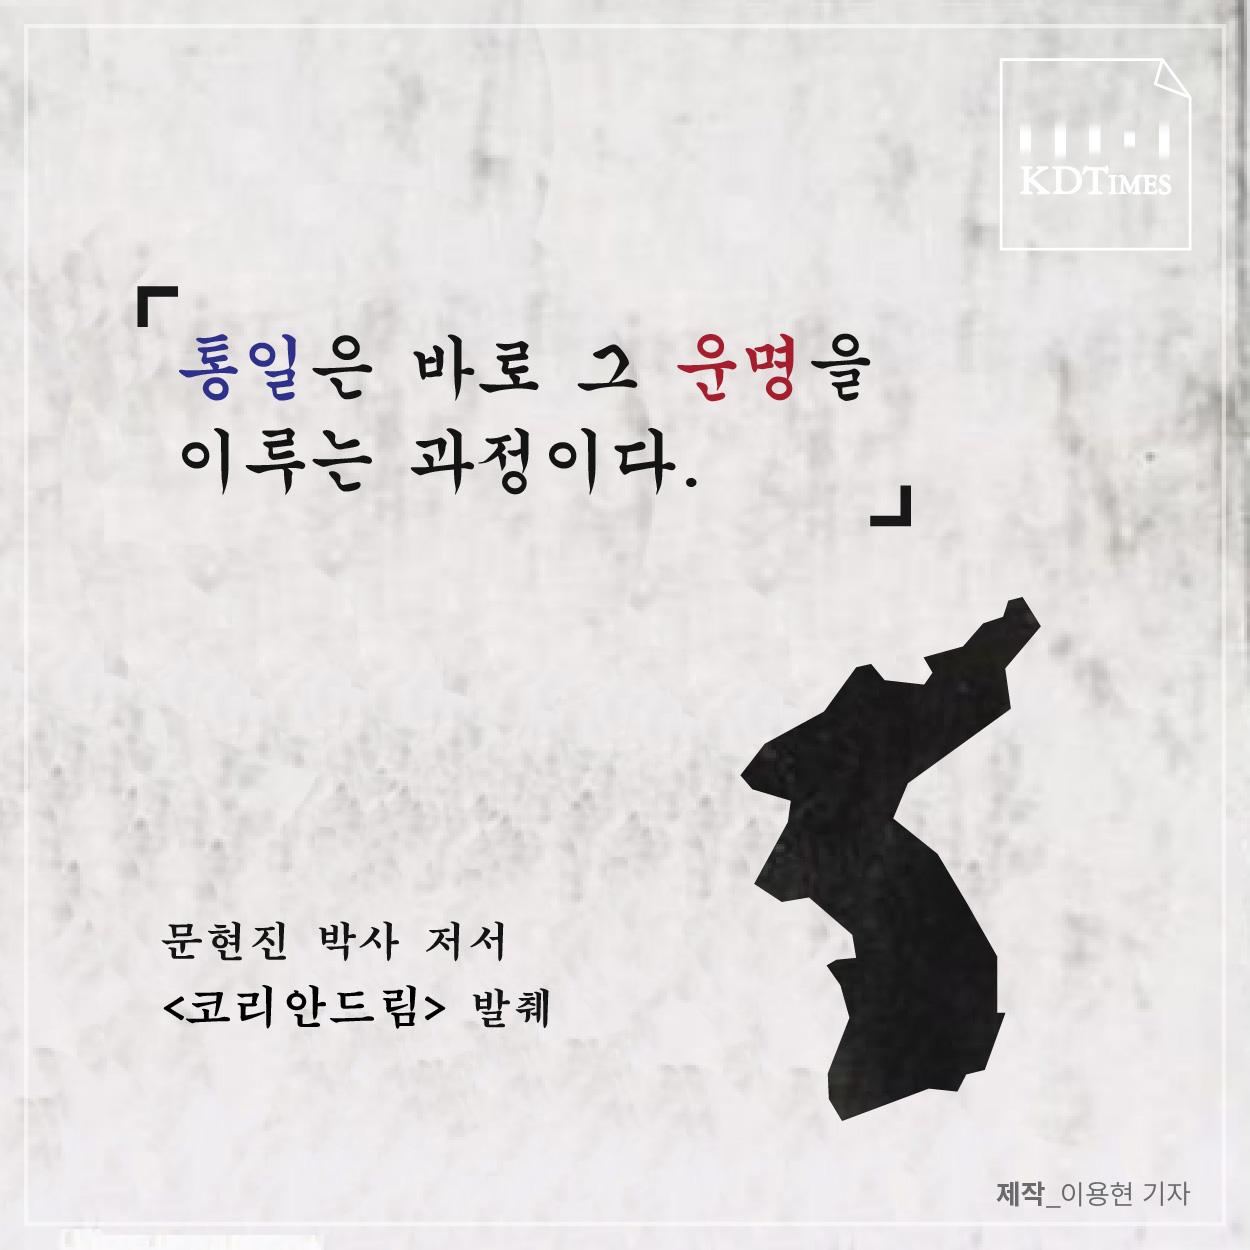 180327 김구의코리안드림-08.jpg